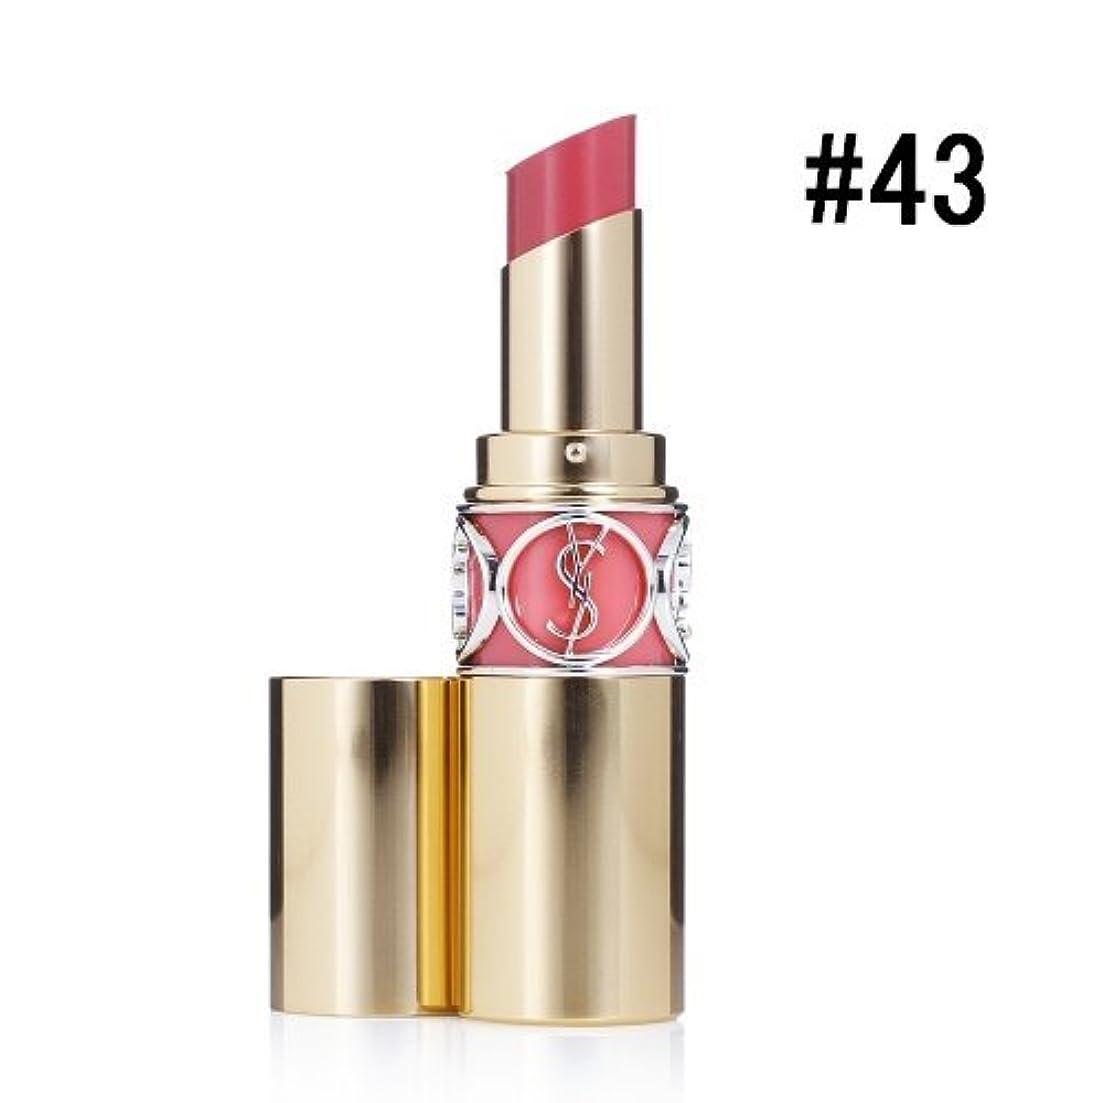 成長する暴動兵器庫イヴサンローラン(Yves Saint Laurent) ルージュ ヴォリュプテ シャイン #43 ROSE RIVE GAUCHE 4.5g [並行輸入品]